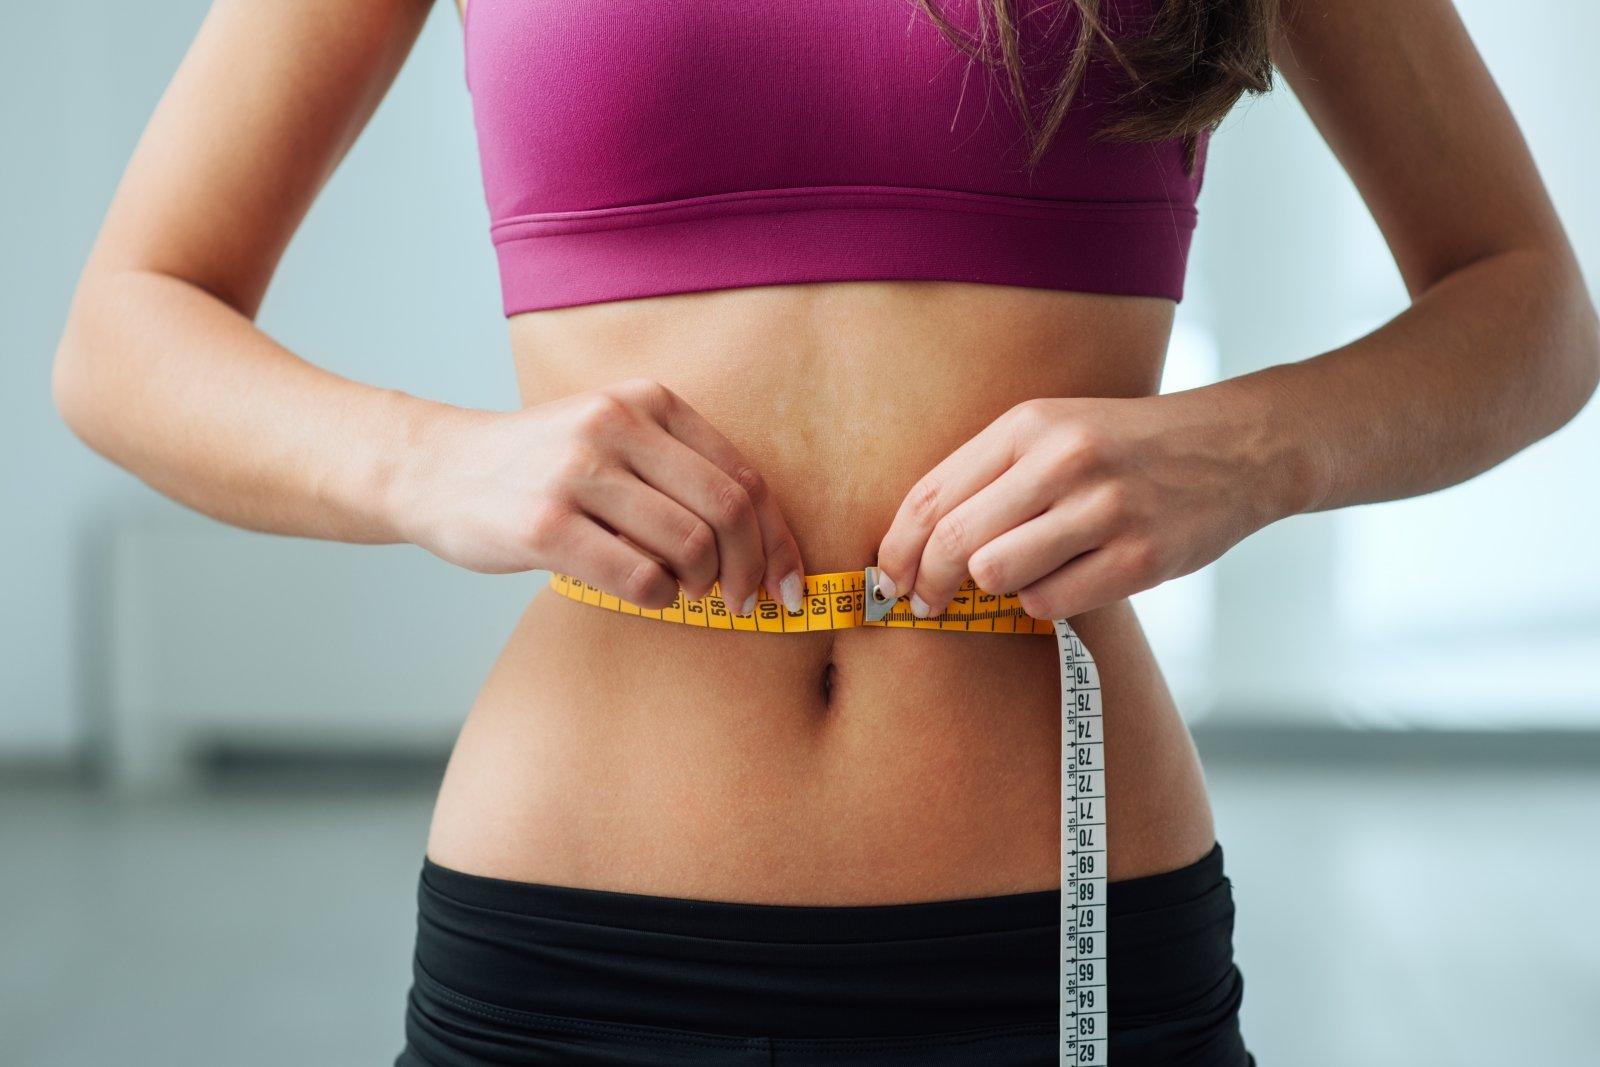 Svorio metimas - Ką reiškia reikšmingas svorio metimas